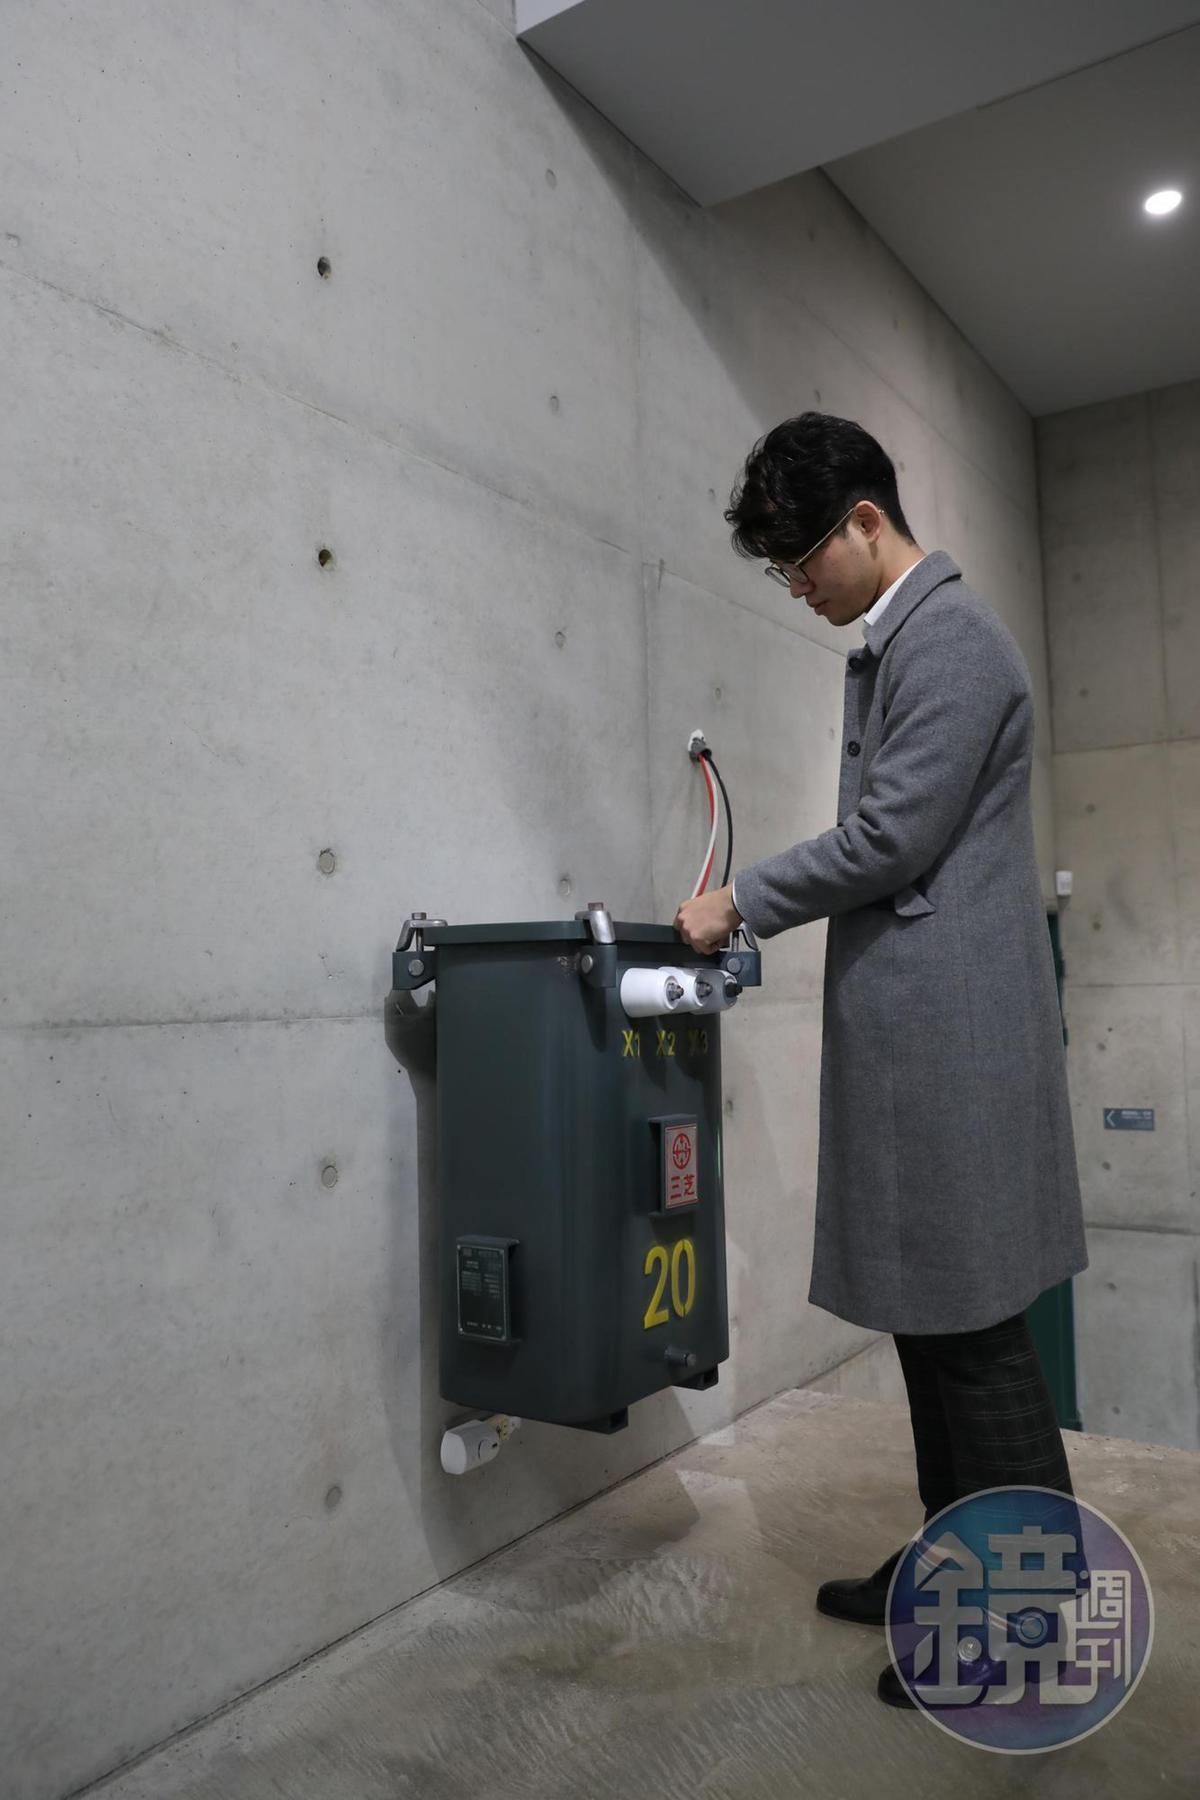 刻意放低的變電箱,是藝術家廖建忠對便宜行事人士的批判。